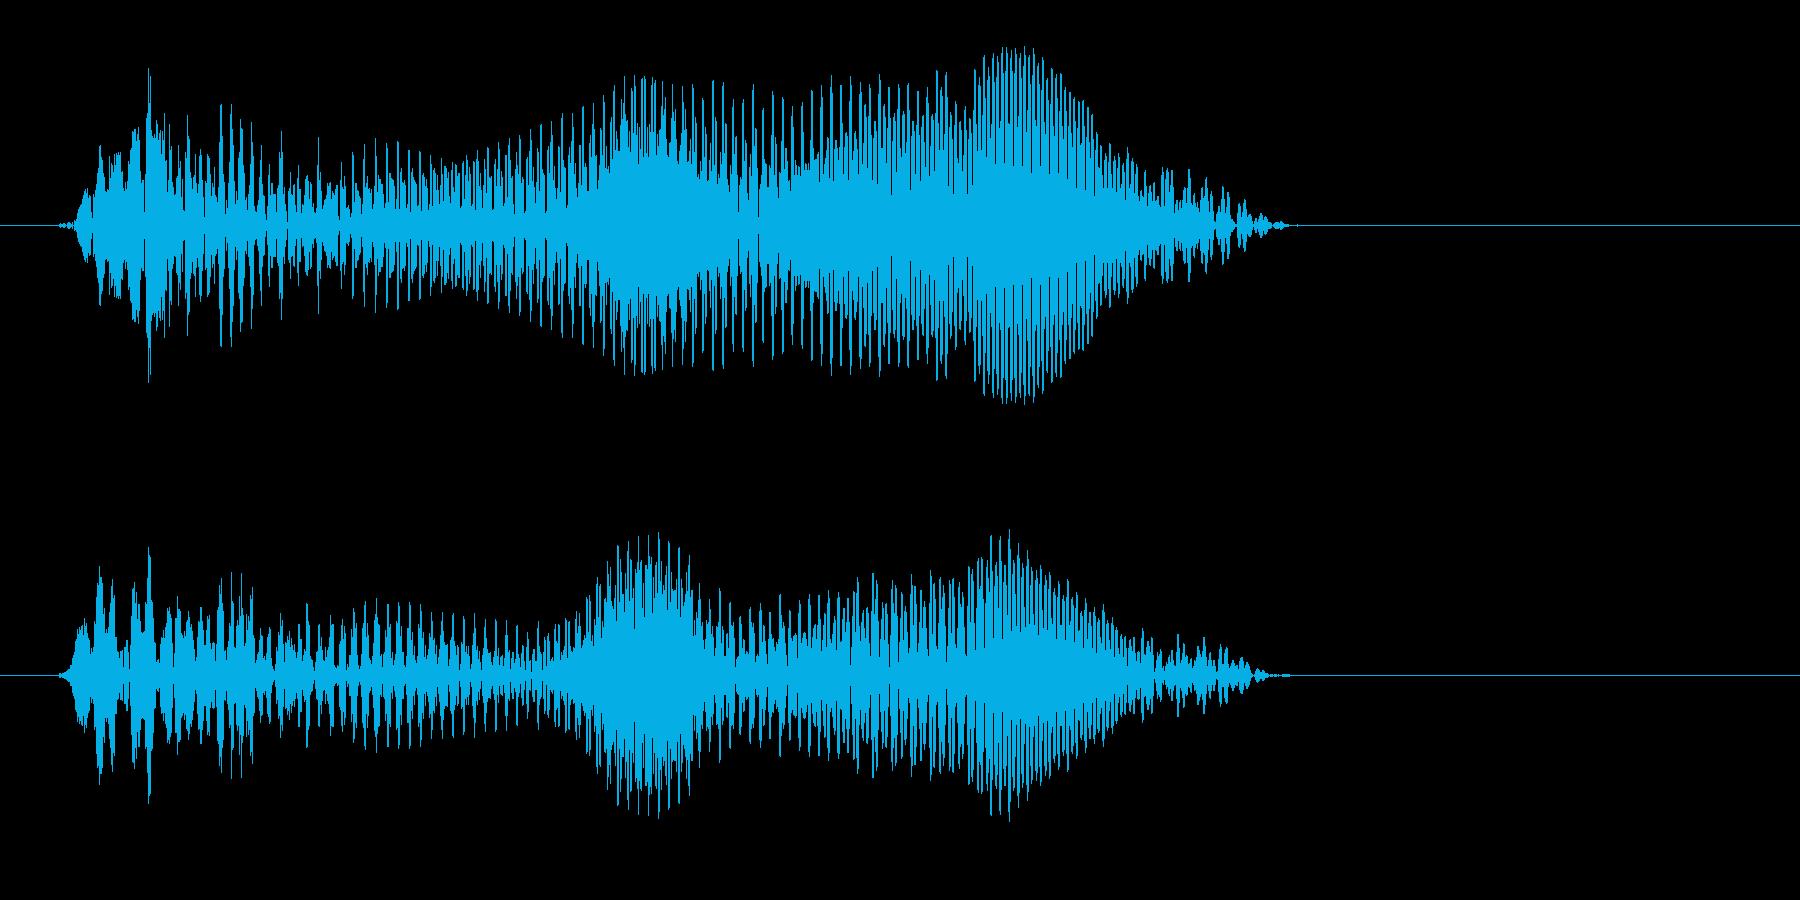 あう(何かがくにゃっとなったような音)の再生済みの波形